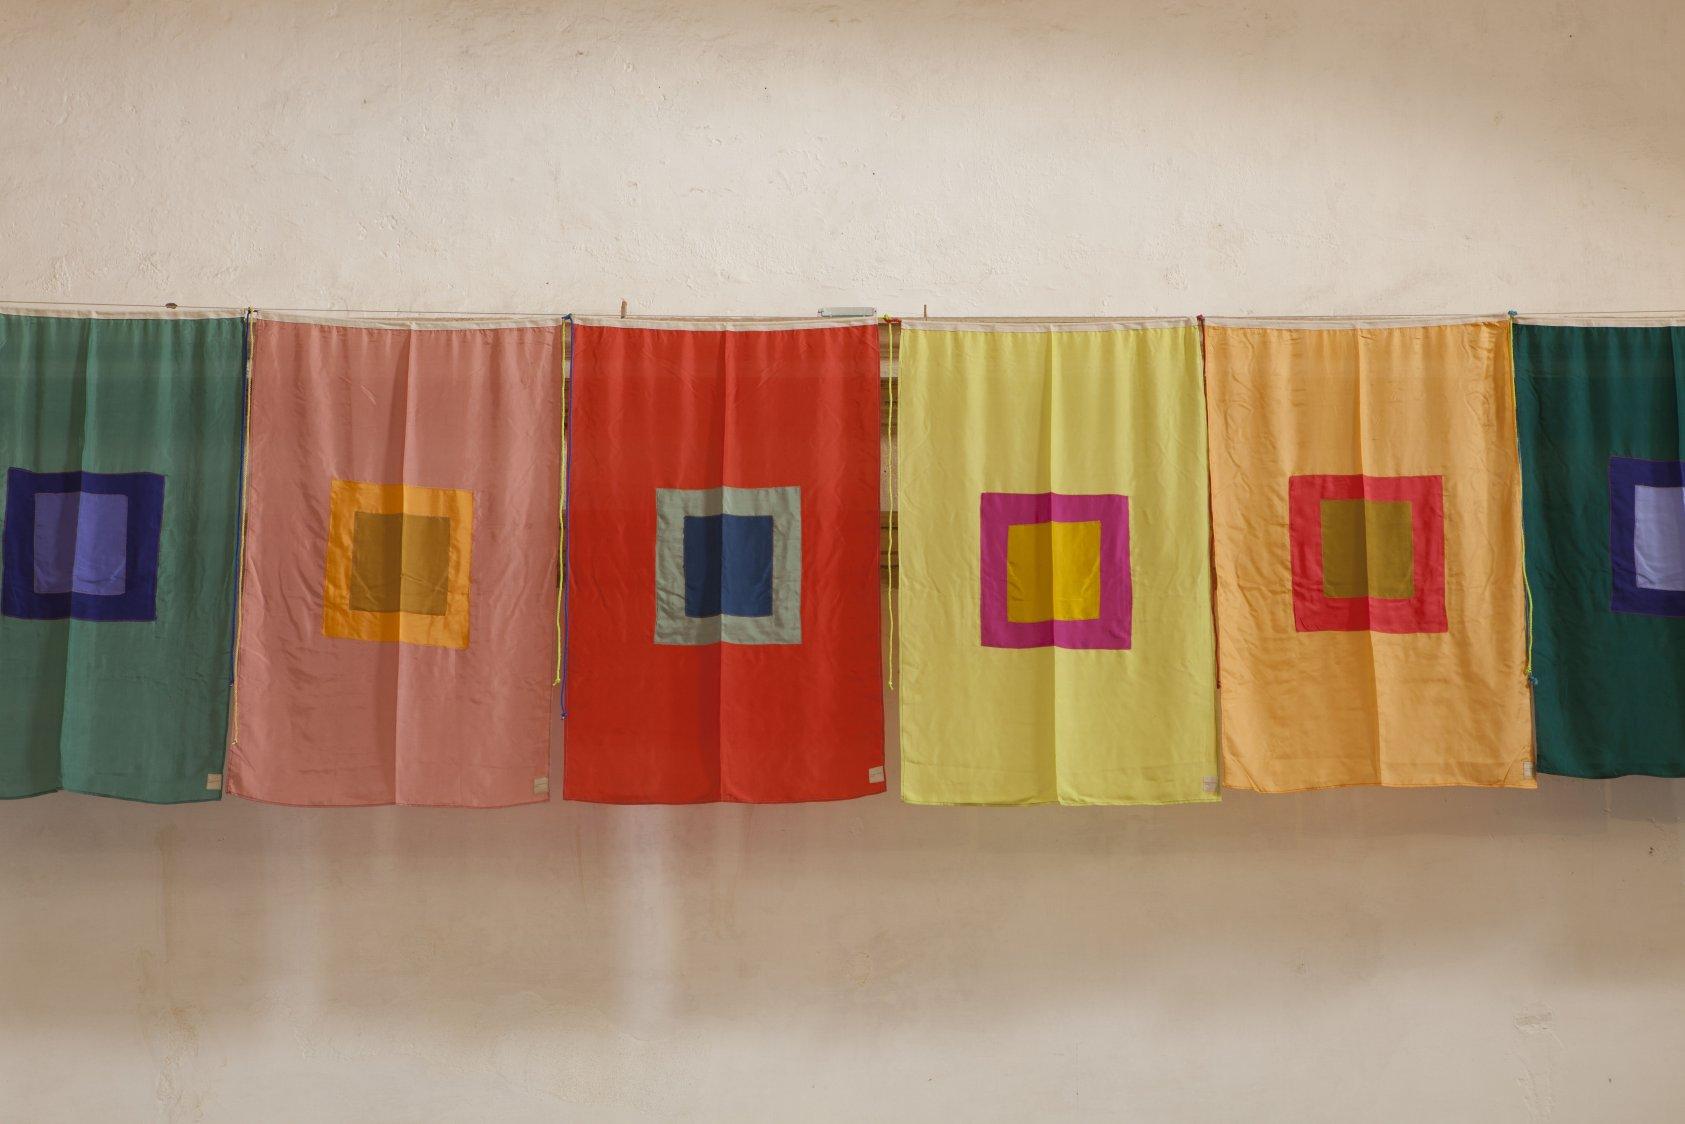 Garantia de Eternidade (2012) - Ana Pérez-Quiroga